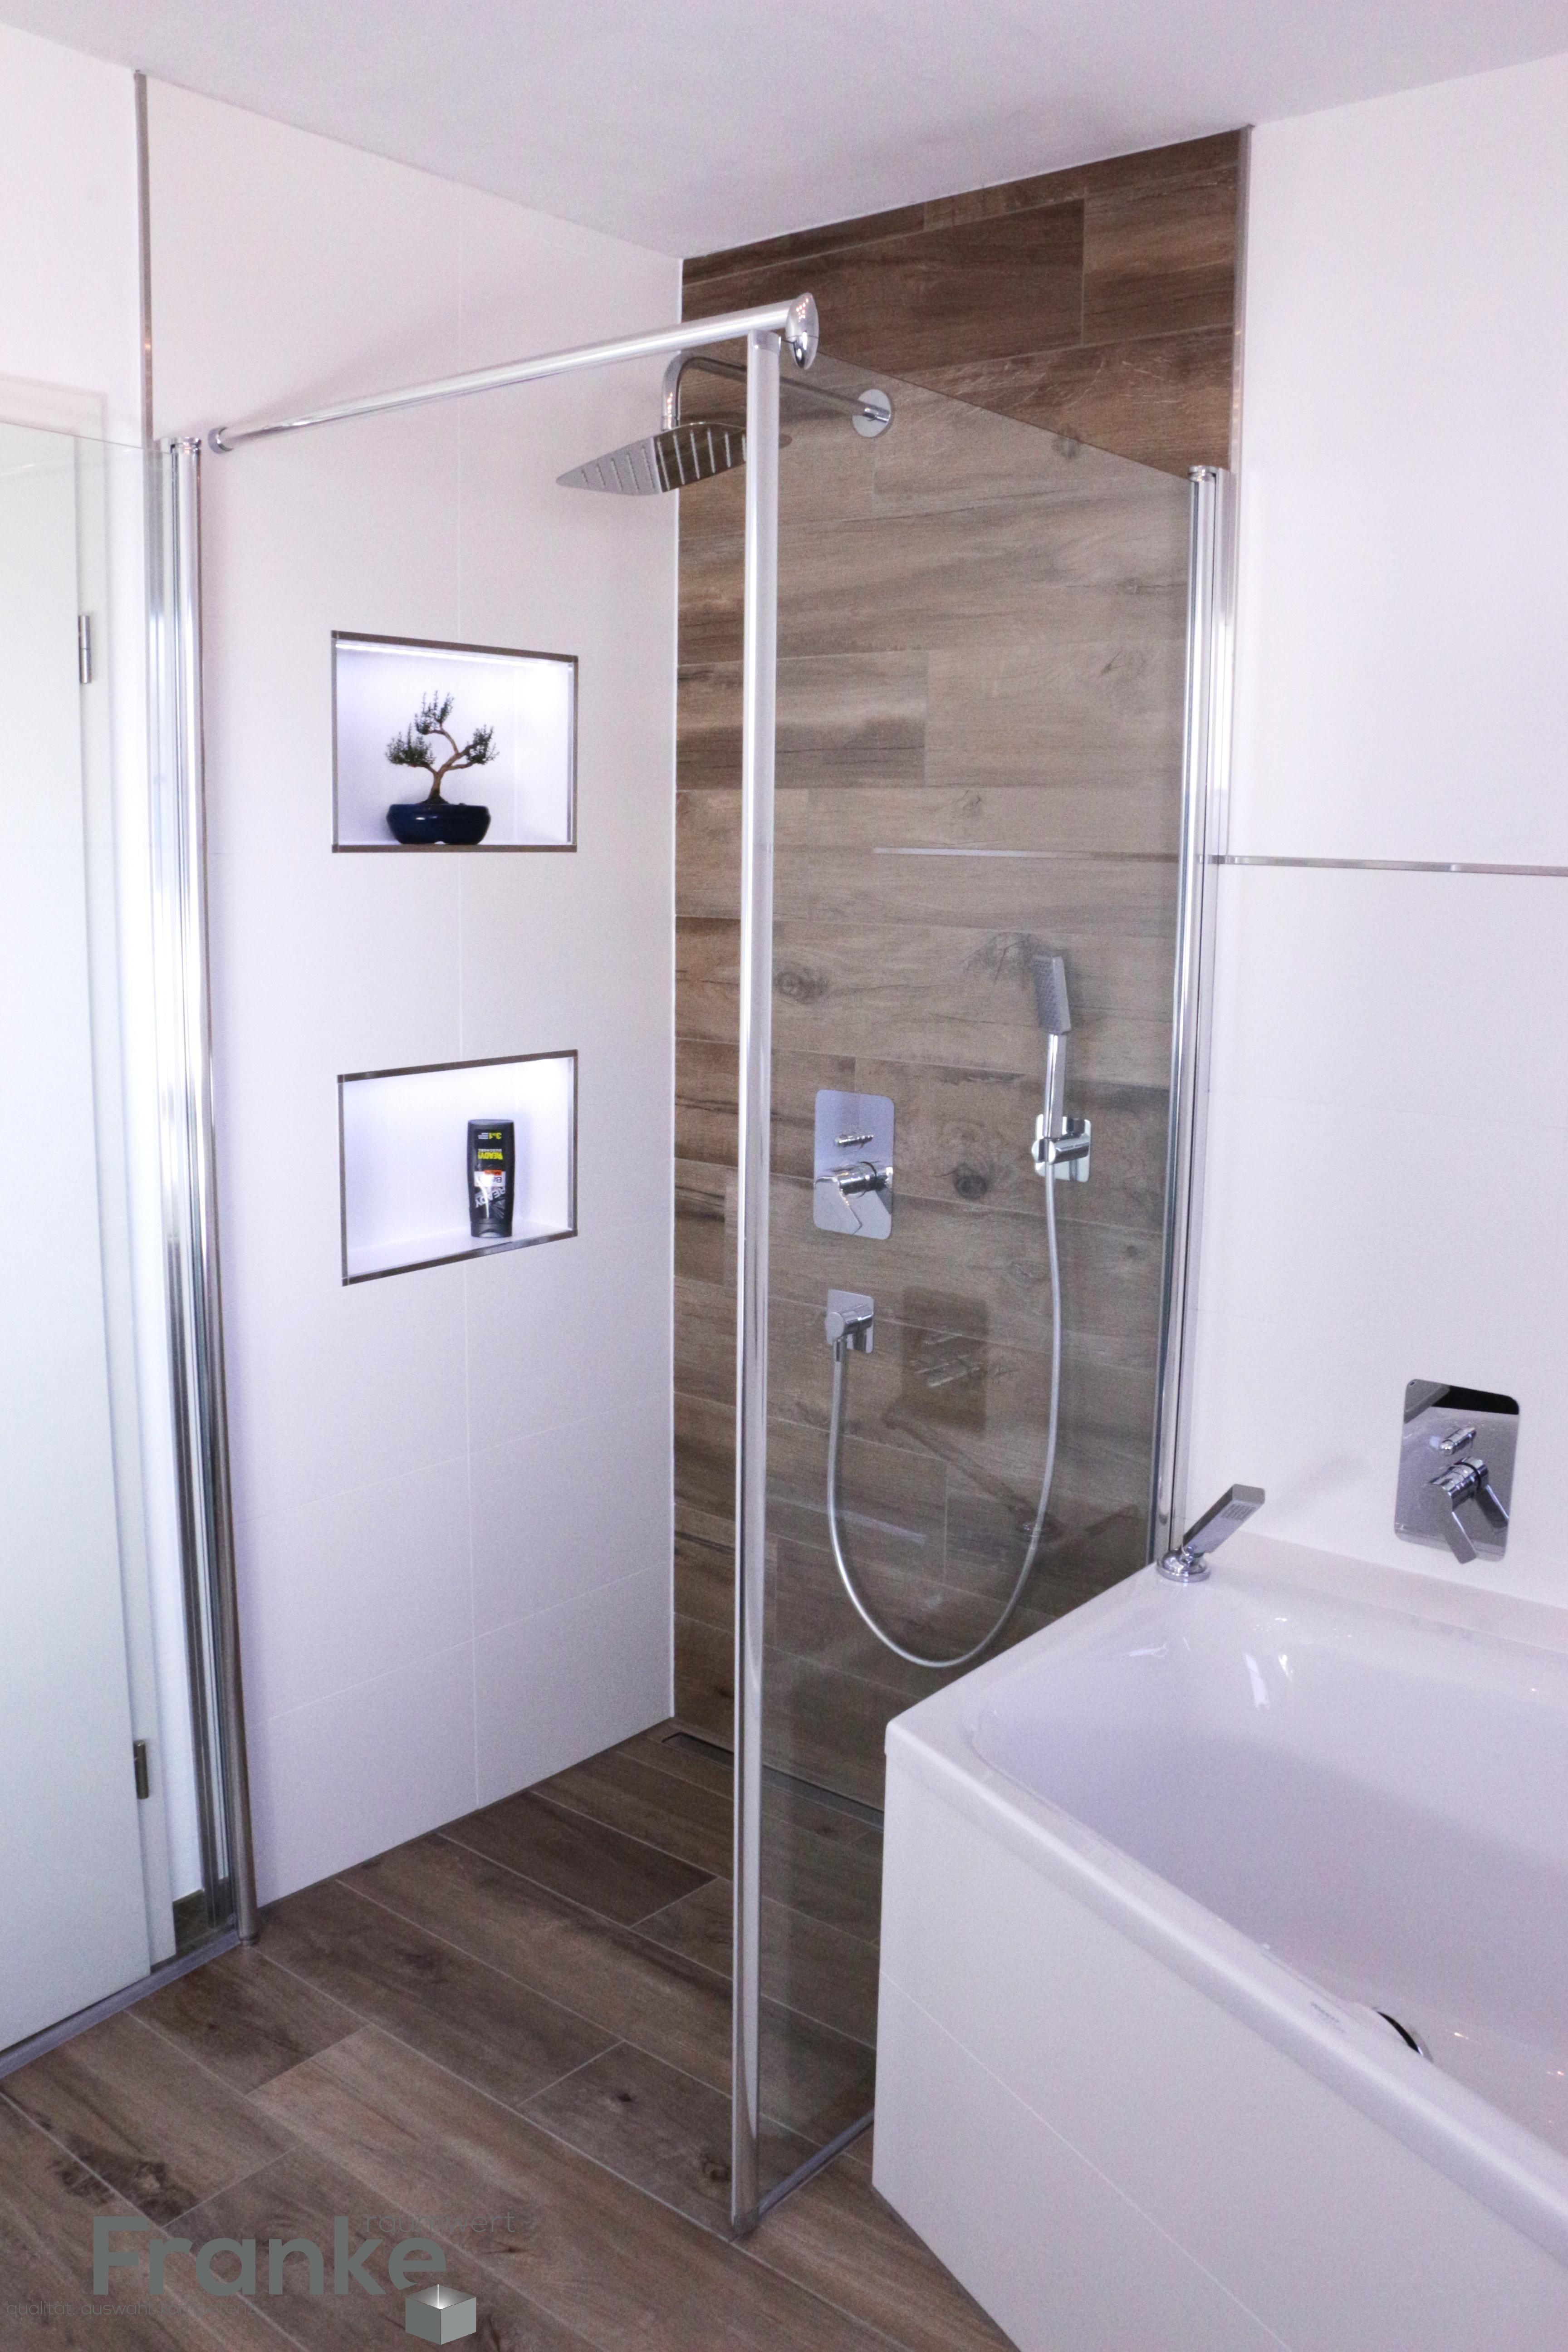 Badezimmer Fliesen Platten Die Besten 25 Badezimmer Fliesen Ideen Bilder Ideen Auf Tren Badezimmer Fliesen Ideen Bilder Badezimmer Badezimmer Dusche Fliesen